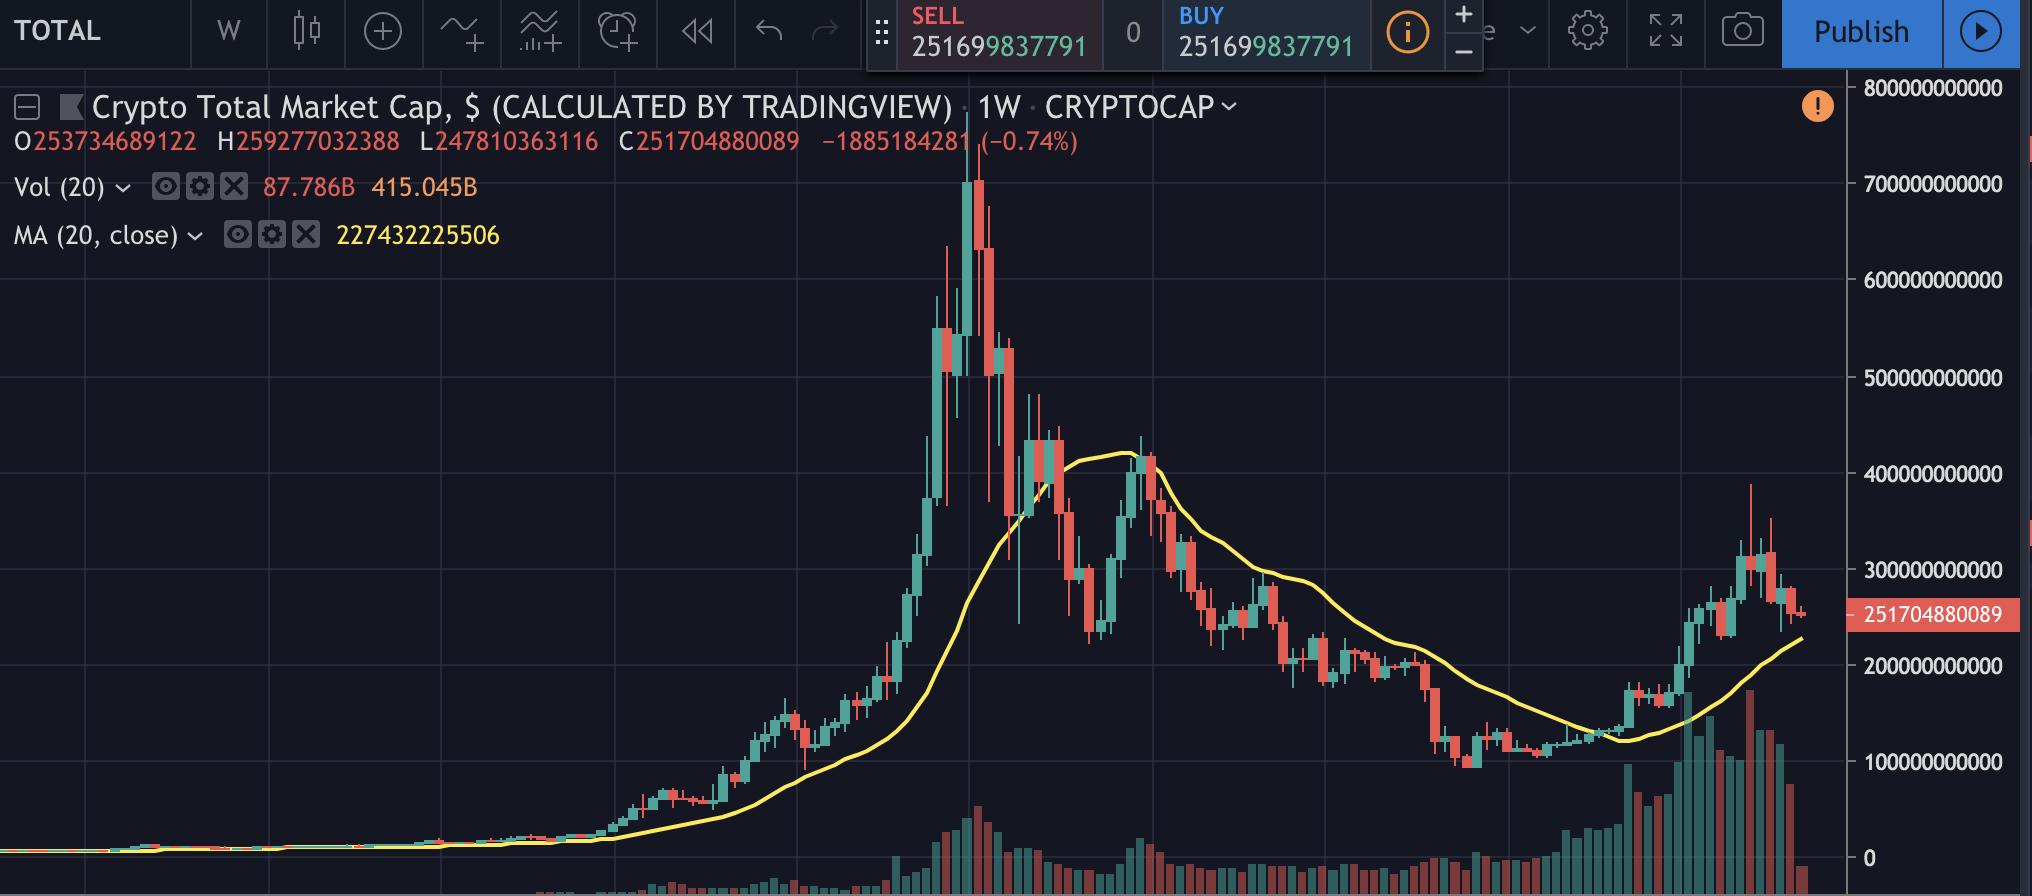 Evolution du Market Cap (capitalisation des cryptomonnaies) en dollars. Source : Trading View